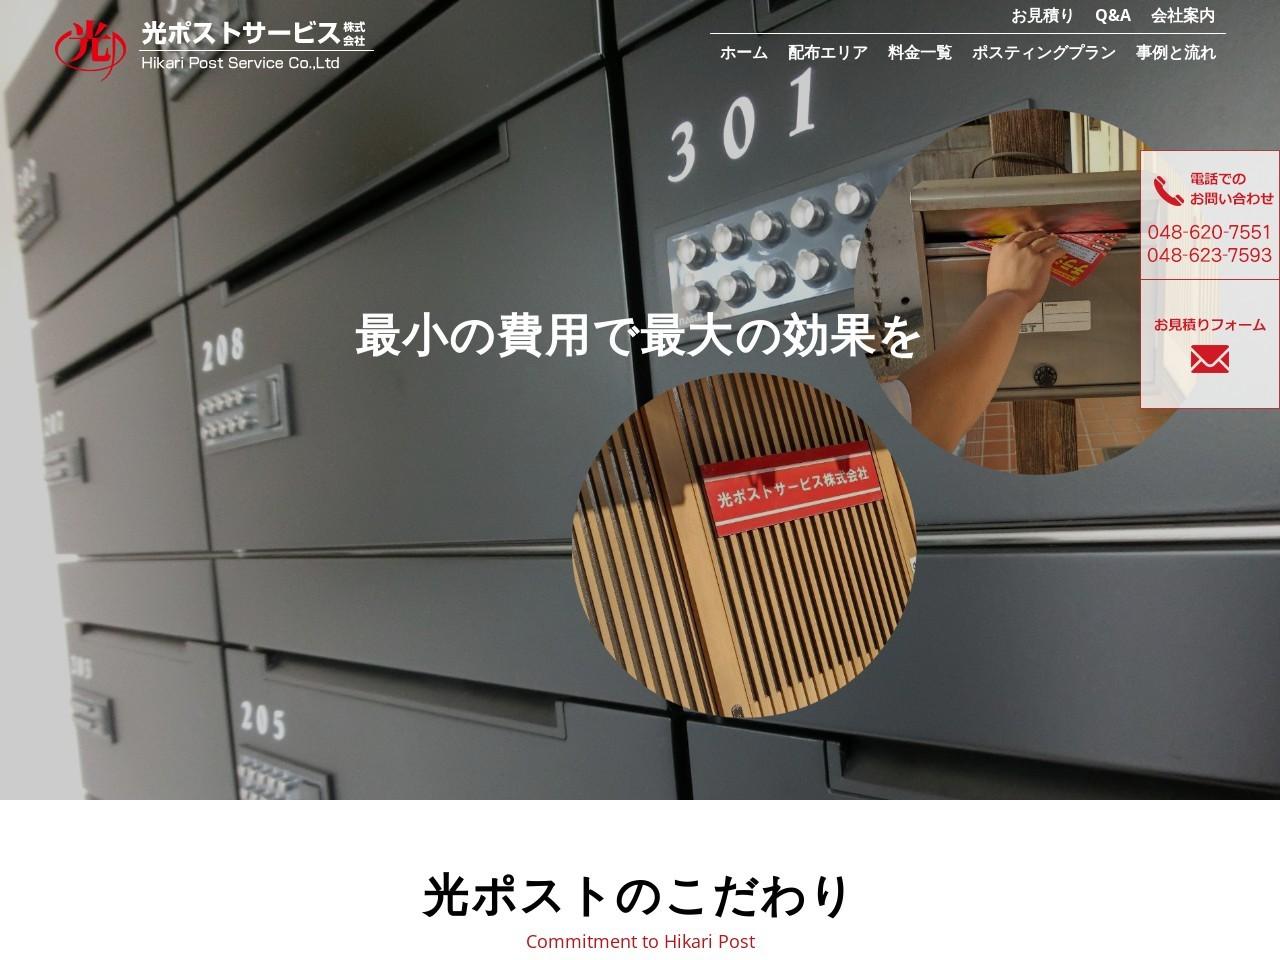 光ポストサービス株式会社